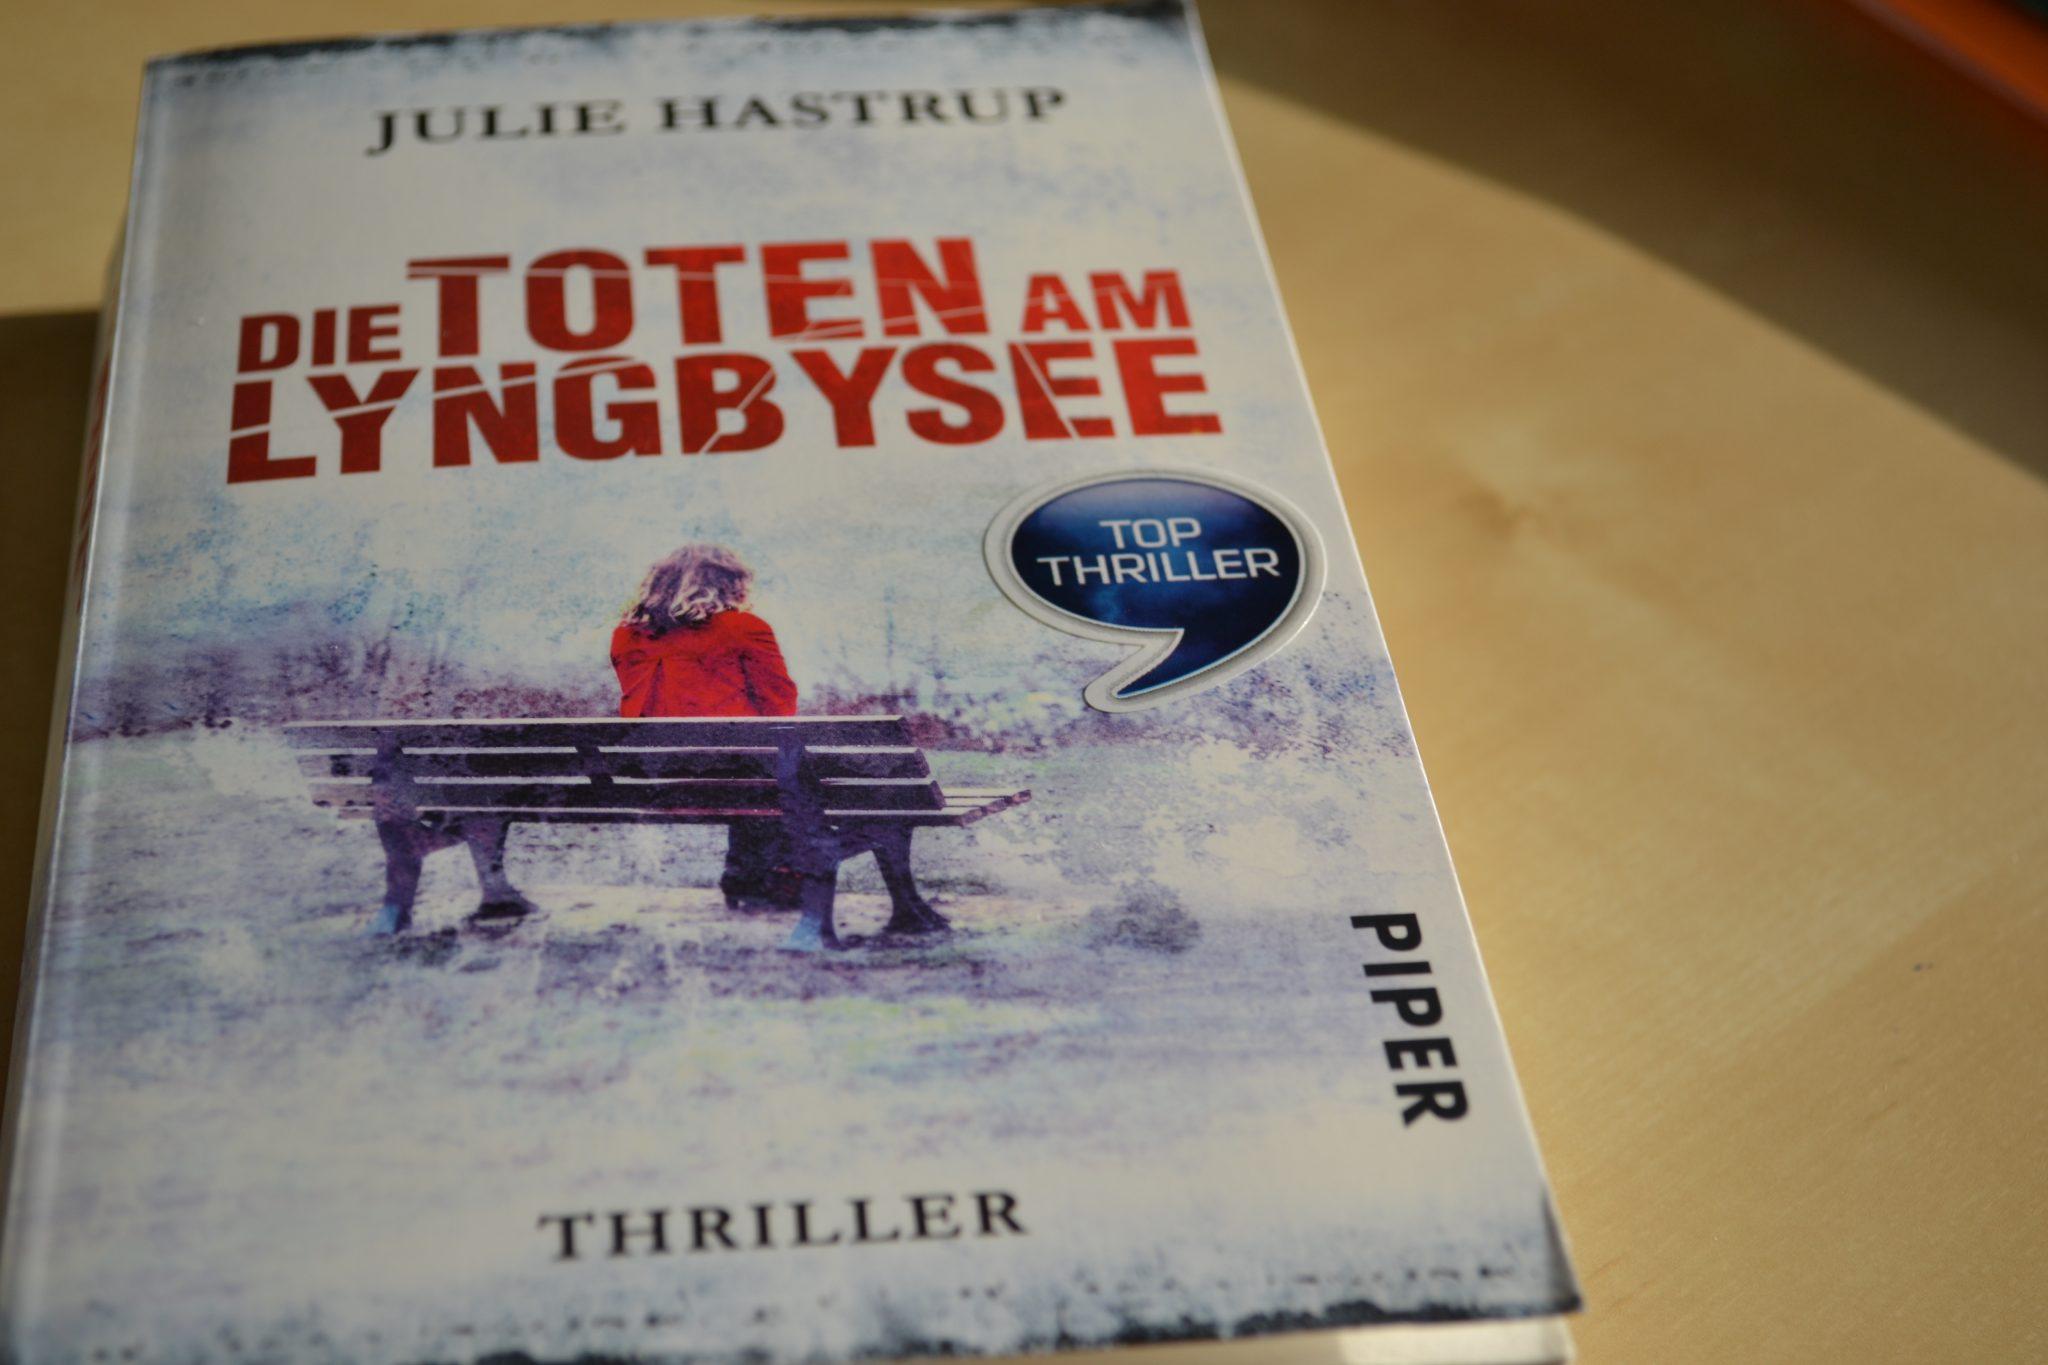 Books: Die Toten am Lyngbysee | Julie Hastrup